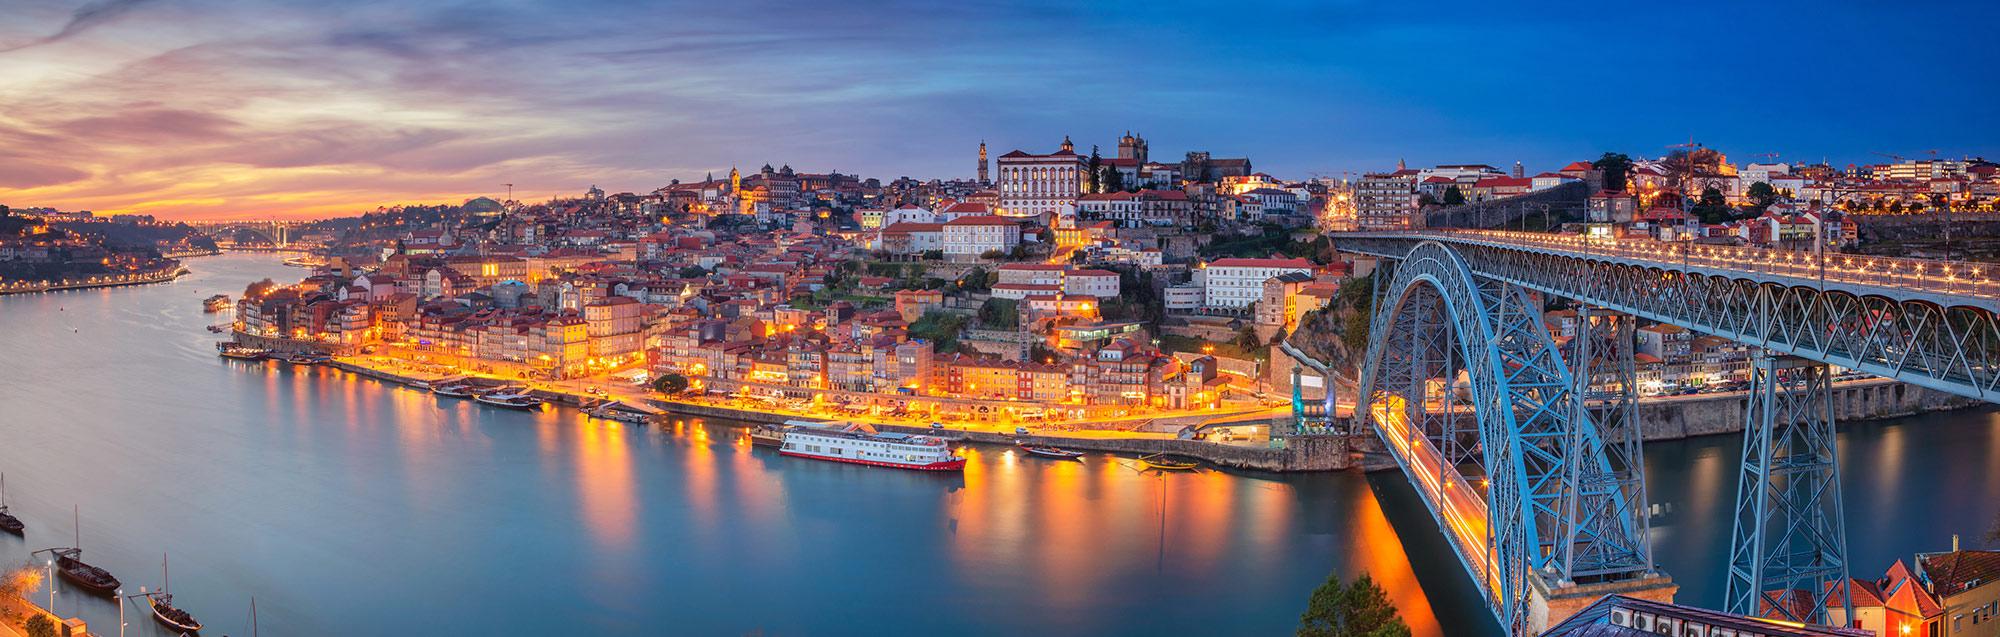 Sprachreise Porto